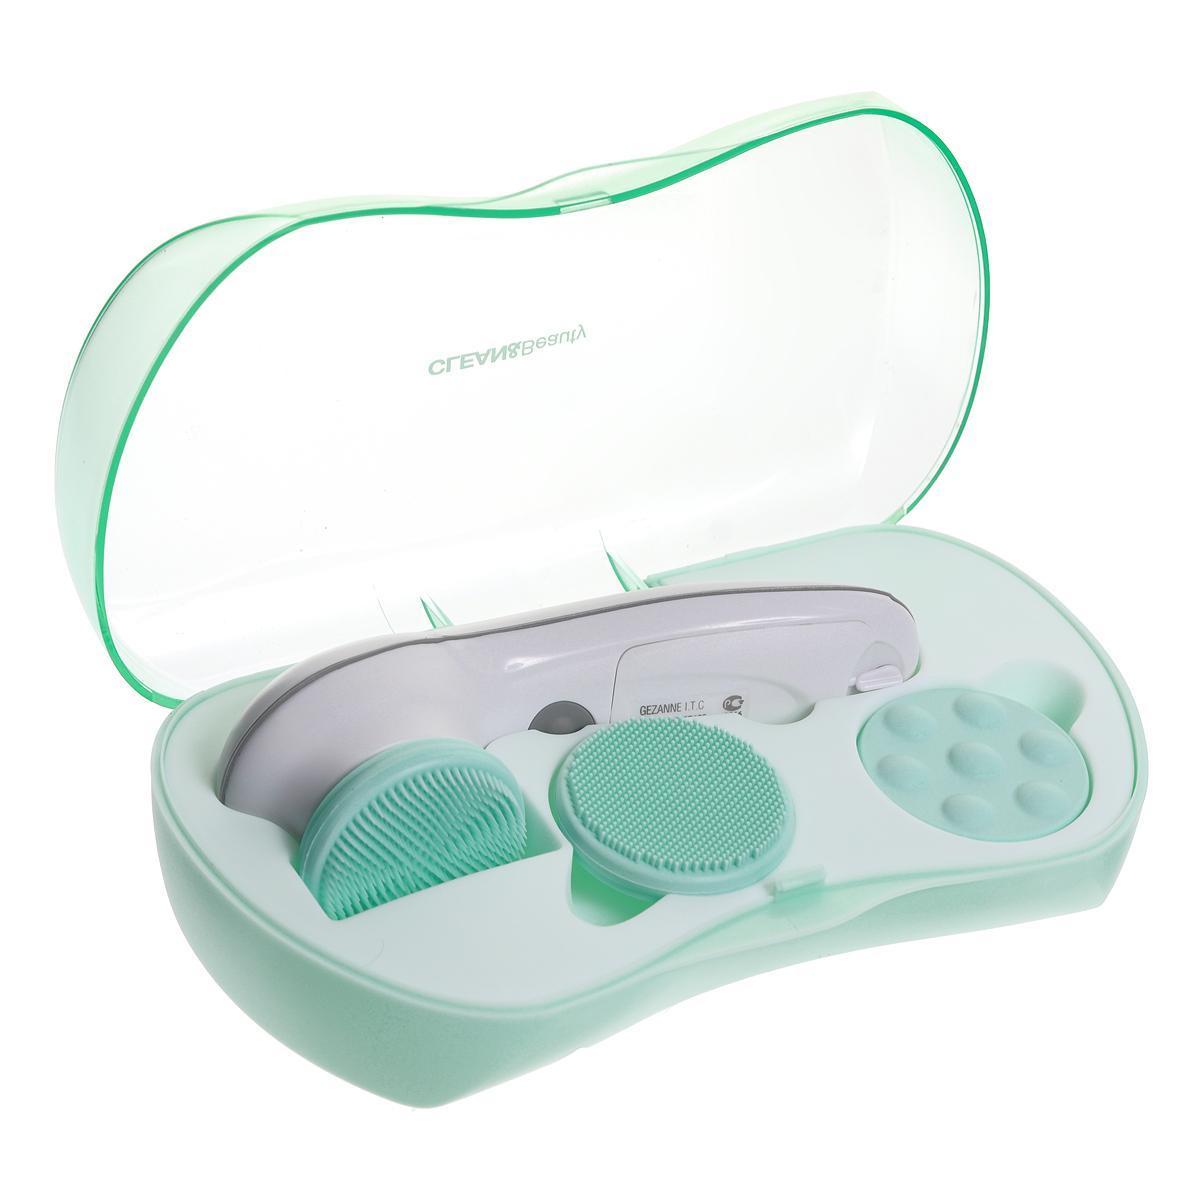 Gezatone Аппарат для чистки лица и ухода за кожей Clean&BeautyAMG1081301123Косметологи утверждают, что залог красоты и молодости кожи - это ее регулярное и полноценное очищение. Но косметические средства очищают кожу лишь поверхностно, смывая лишь загрязнения и остатки макияжа. Чтобы полноценно очистить поры и удалить ороговевшие частички кожи, необходим прибор Clean&Beauty Gezatone. Уникальные щеточки из гипоаллергенного силикона мягко и нежно удаляют загрязнения не только с поверхности кожи, но и из пор, а насадка для массажа обеспечивает полноценный уход за кожей. Достаточно включить аппарат для чистки лица AMG108 в программу ежедневного ухода - и вы поразитесь, насколько более свежей, гладкой и молодой выглядит кожа.Особенности прибора для очищения кожи AMG108:В прибор входят три сменные насадки для максимально эффективного очищения и массажа кожи лица, шеи и декольте. Насадки выполнены из силикона - материала, не вызывающего аллергии и раздражения на коже. Крупнозернистая насадка-щеточка предназначена для глубокого очищения пор, она удаляет остатки косметики и загрязнения, решает проблему черных точек. Мелкозернистая насадка-щеточка проводит полноценную пилинговую процедуру, улучшает цвет лица и выравнивает тон кожи. Массажная насадка усиливает эффективность косметики, улучшает микроциркуляцию крови, повышает тонус и упругость кожи.В аппарате предусмотрено две скорости вращения насадок, низкая - для чувствительной и нормальной кожи, высокая - для нормальной, комбинированной и проблемной кожи.В комплект входит также футляр для переноски и хранения прибора. чтобы вы могли его брать с собой в поездки, и везде ухаживать за кожей, как дома.Прибор оснащен подставкой, благодаря чему его удобно хранить и размещать в ванной комнате, на трюмо и т.д.Подарите своей коже возможность дышать, регулярно очищайте ее от загрязнений, остатков косметики и пыли, и она отблагодарит вас долгой молодостью и свежестью!Противопоказания:аллергические реакции кожи;солнечные ожоги;нарушени